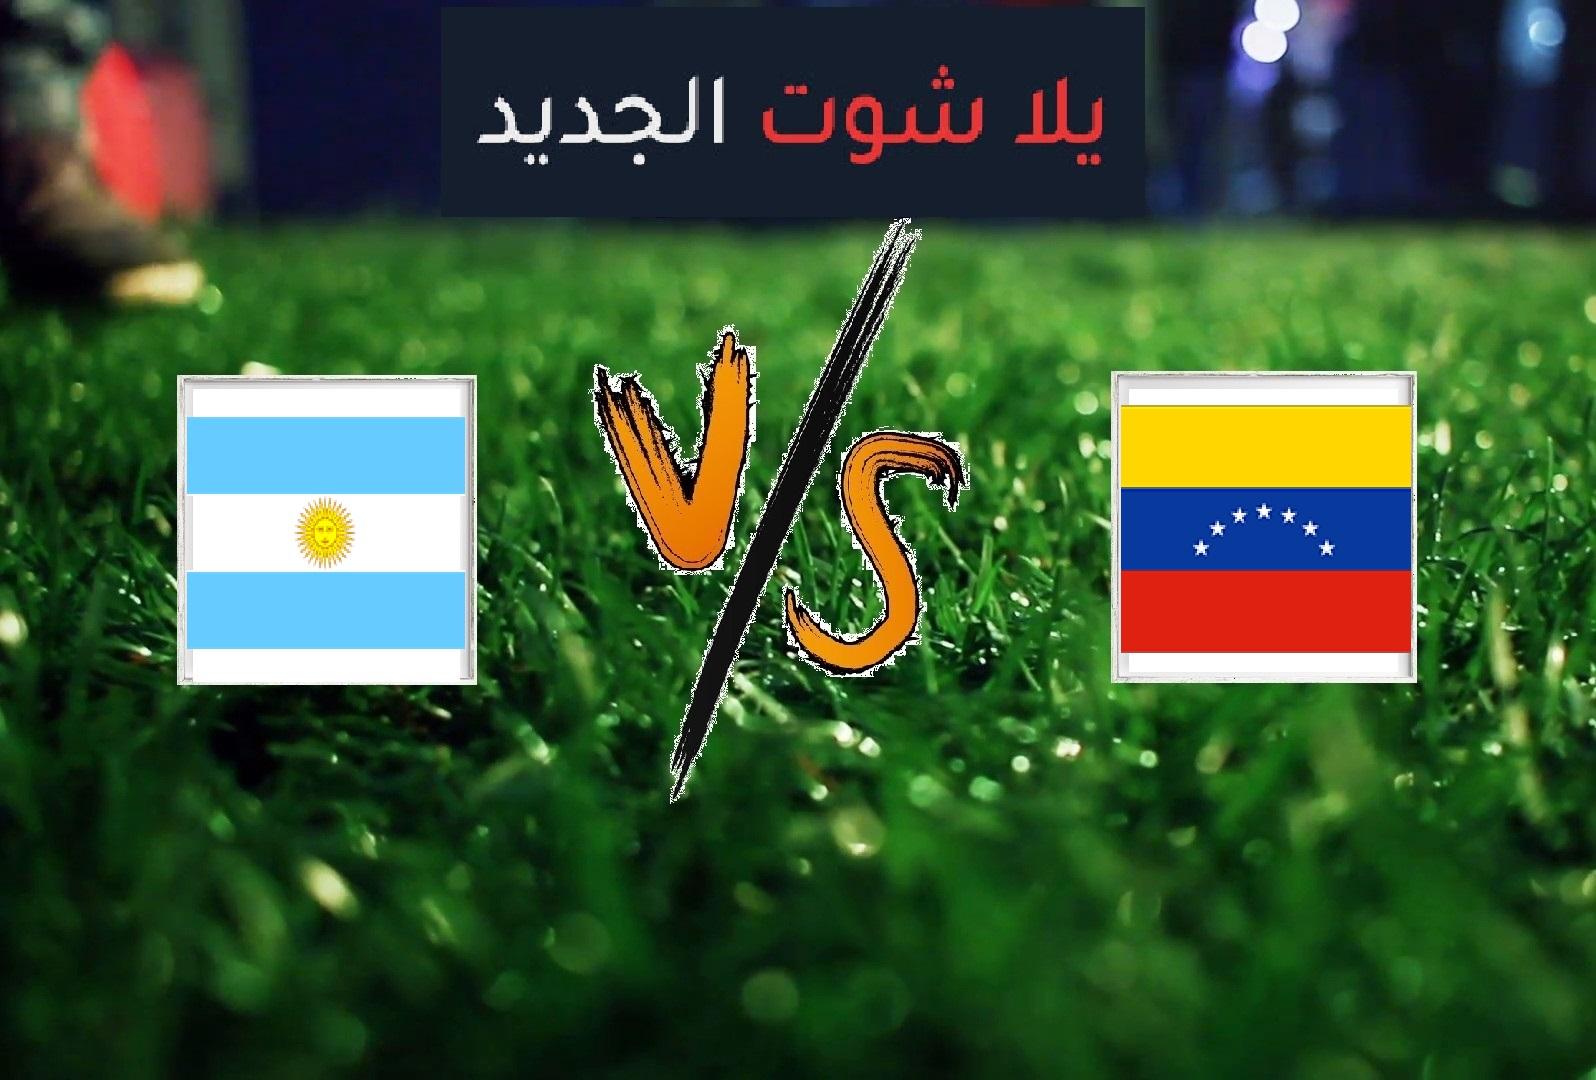 نتيجة مباراة فنزويلا والارجنتين بتاريخ 28-06-2019 كوبا أمريكا 2019